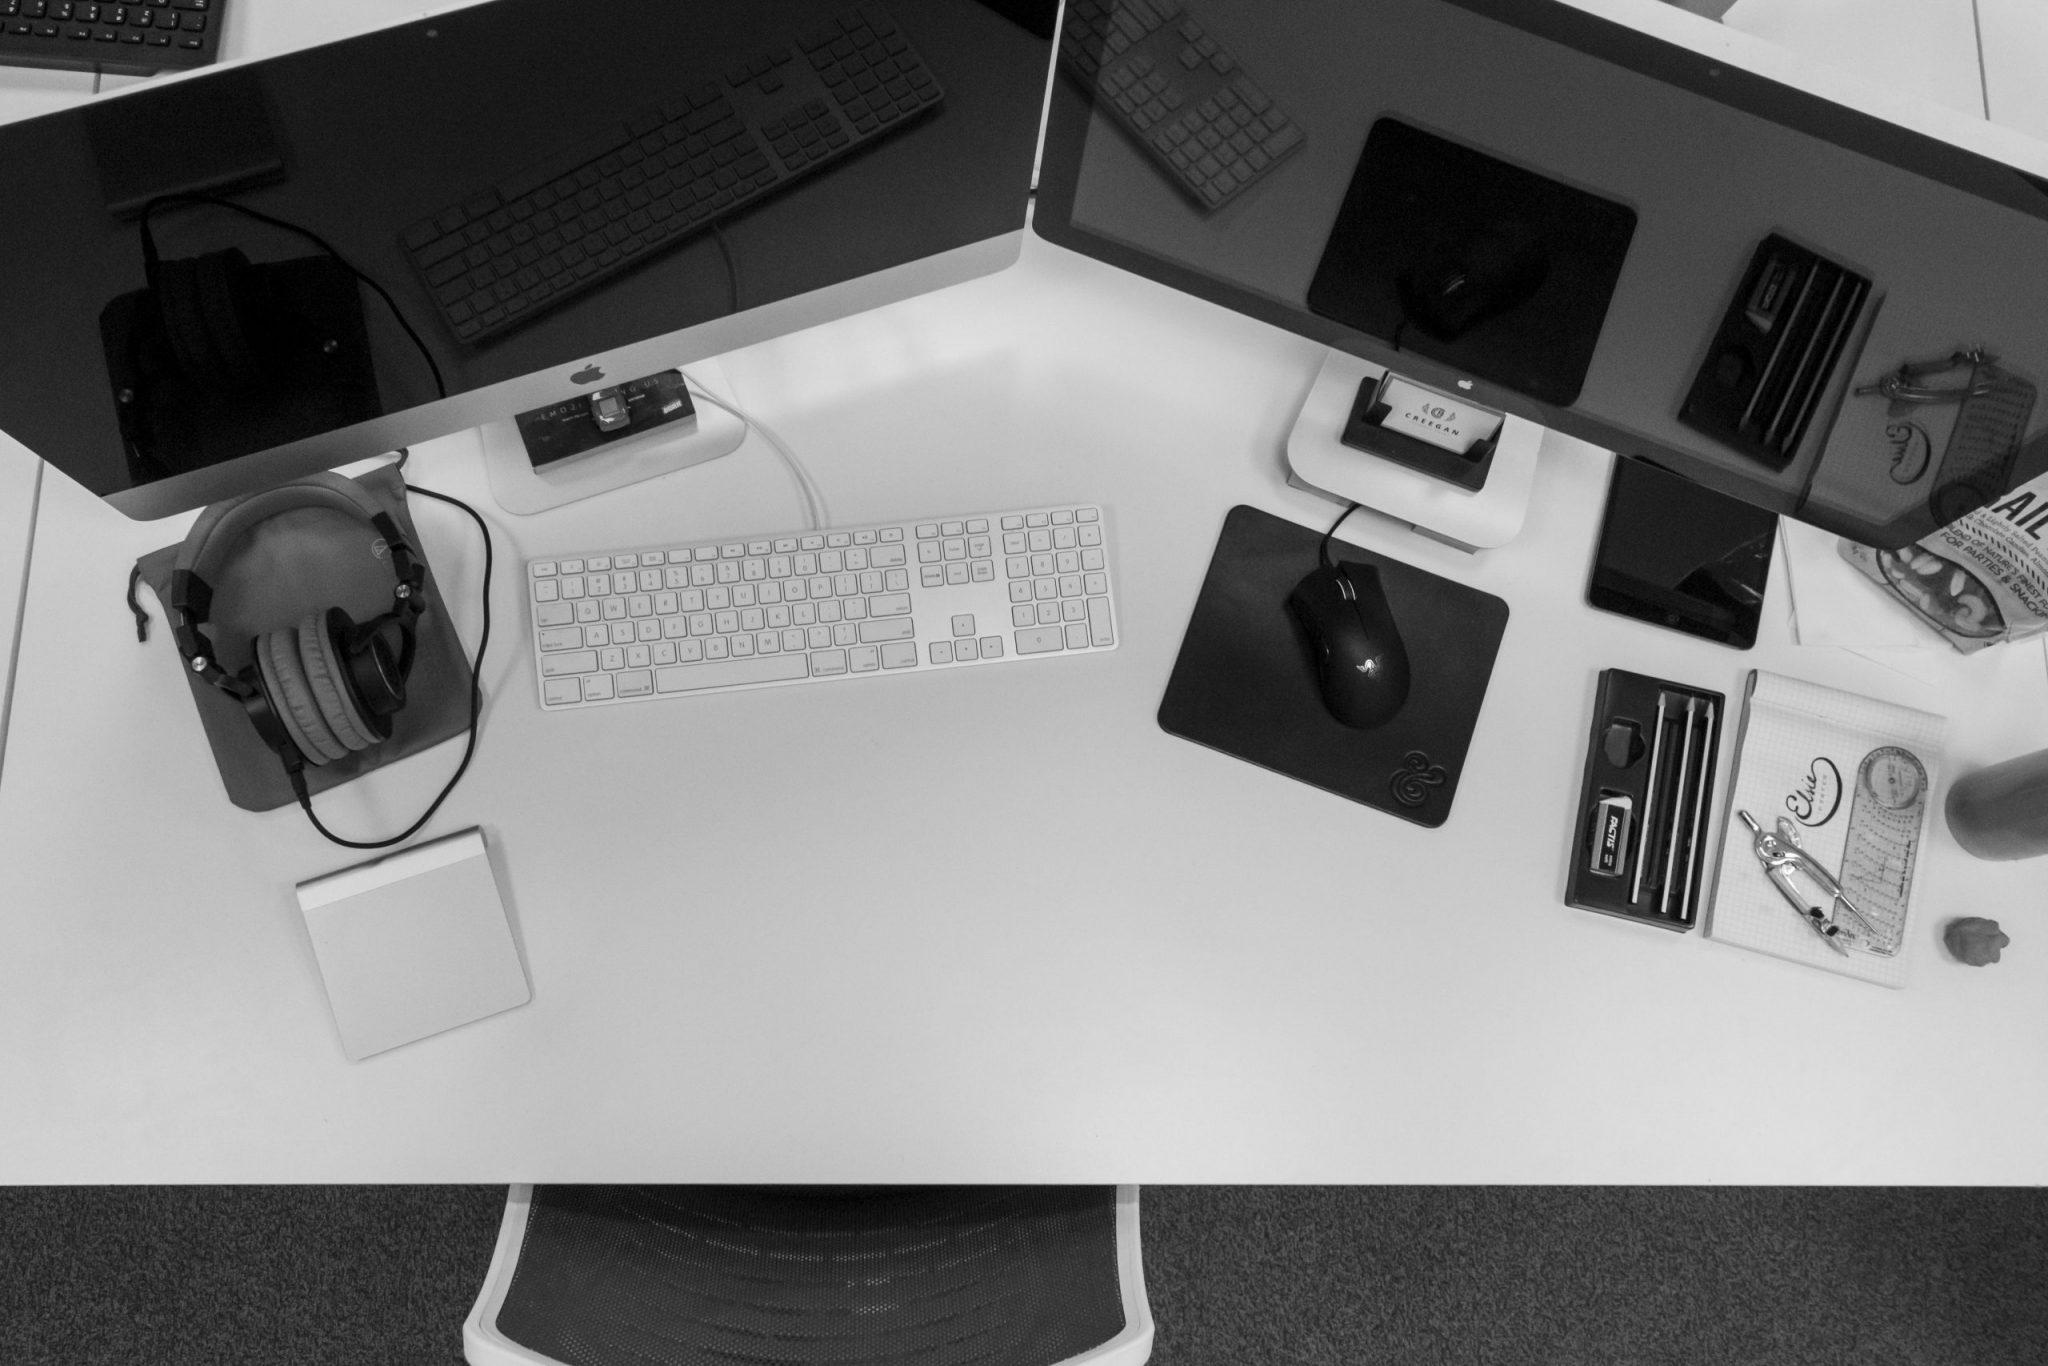 Desktops or Laptops for Workforce? 1